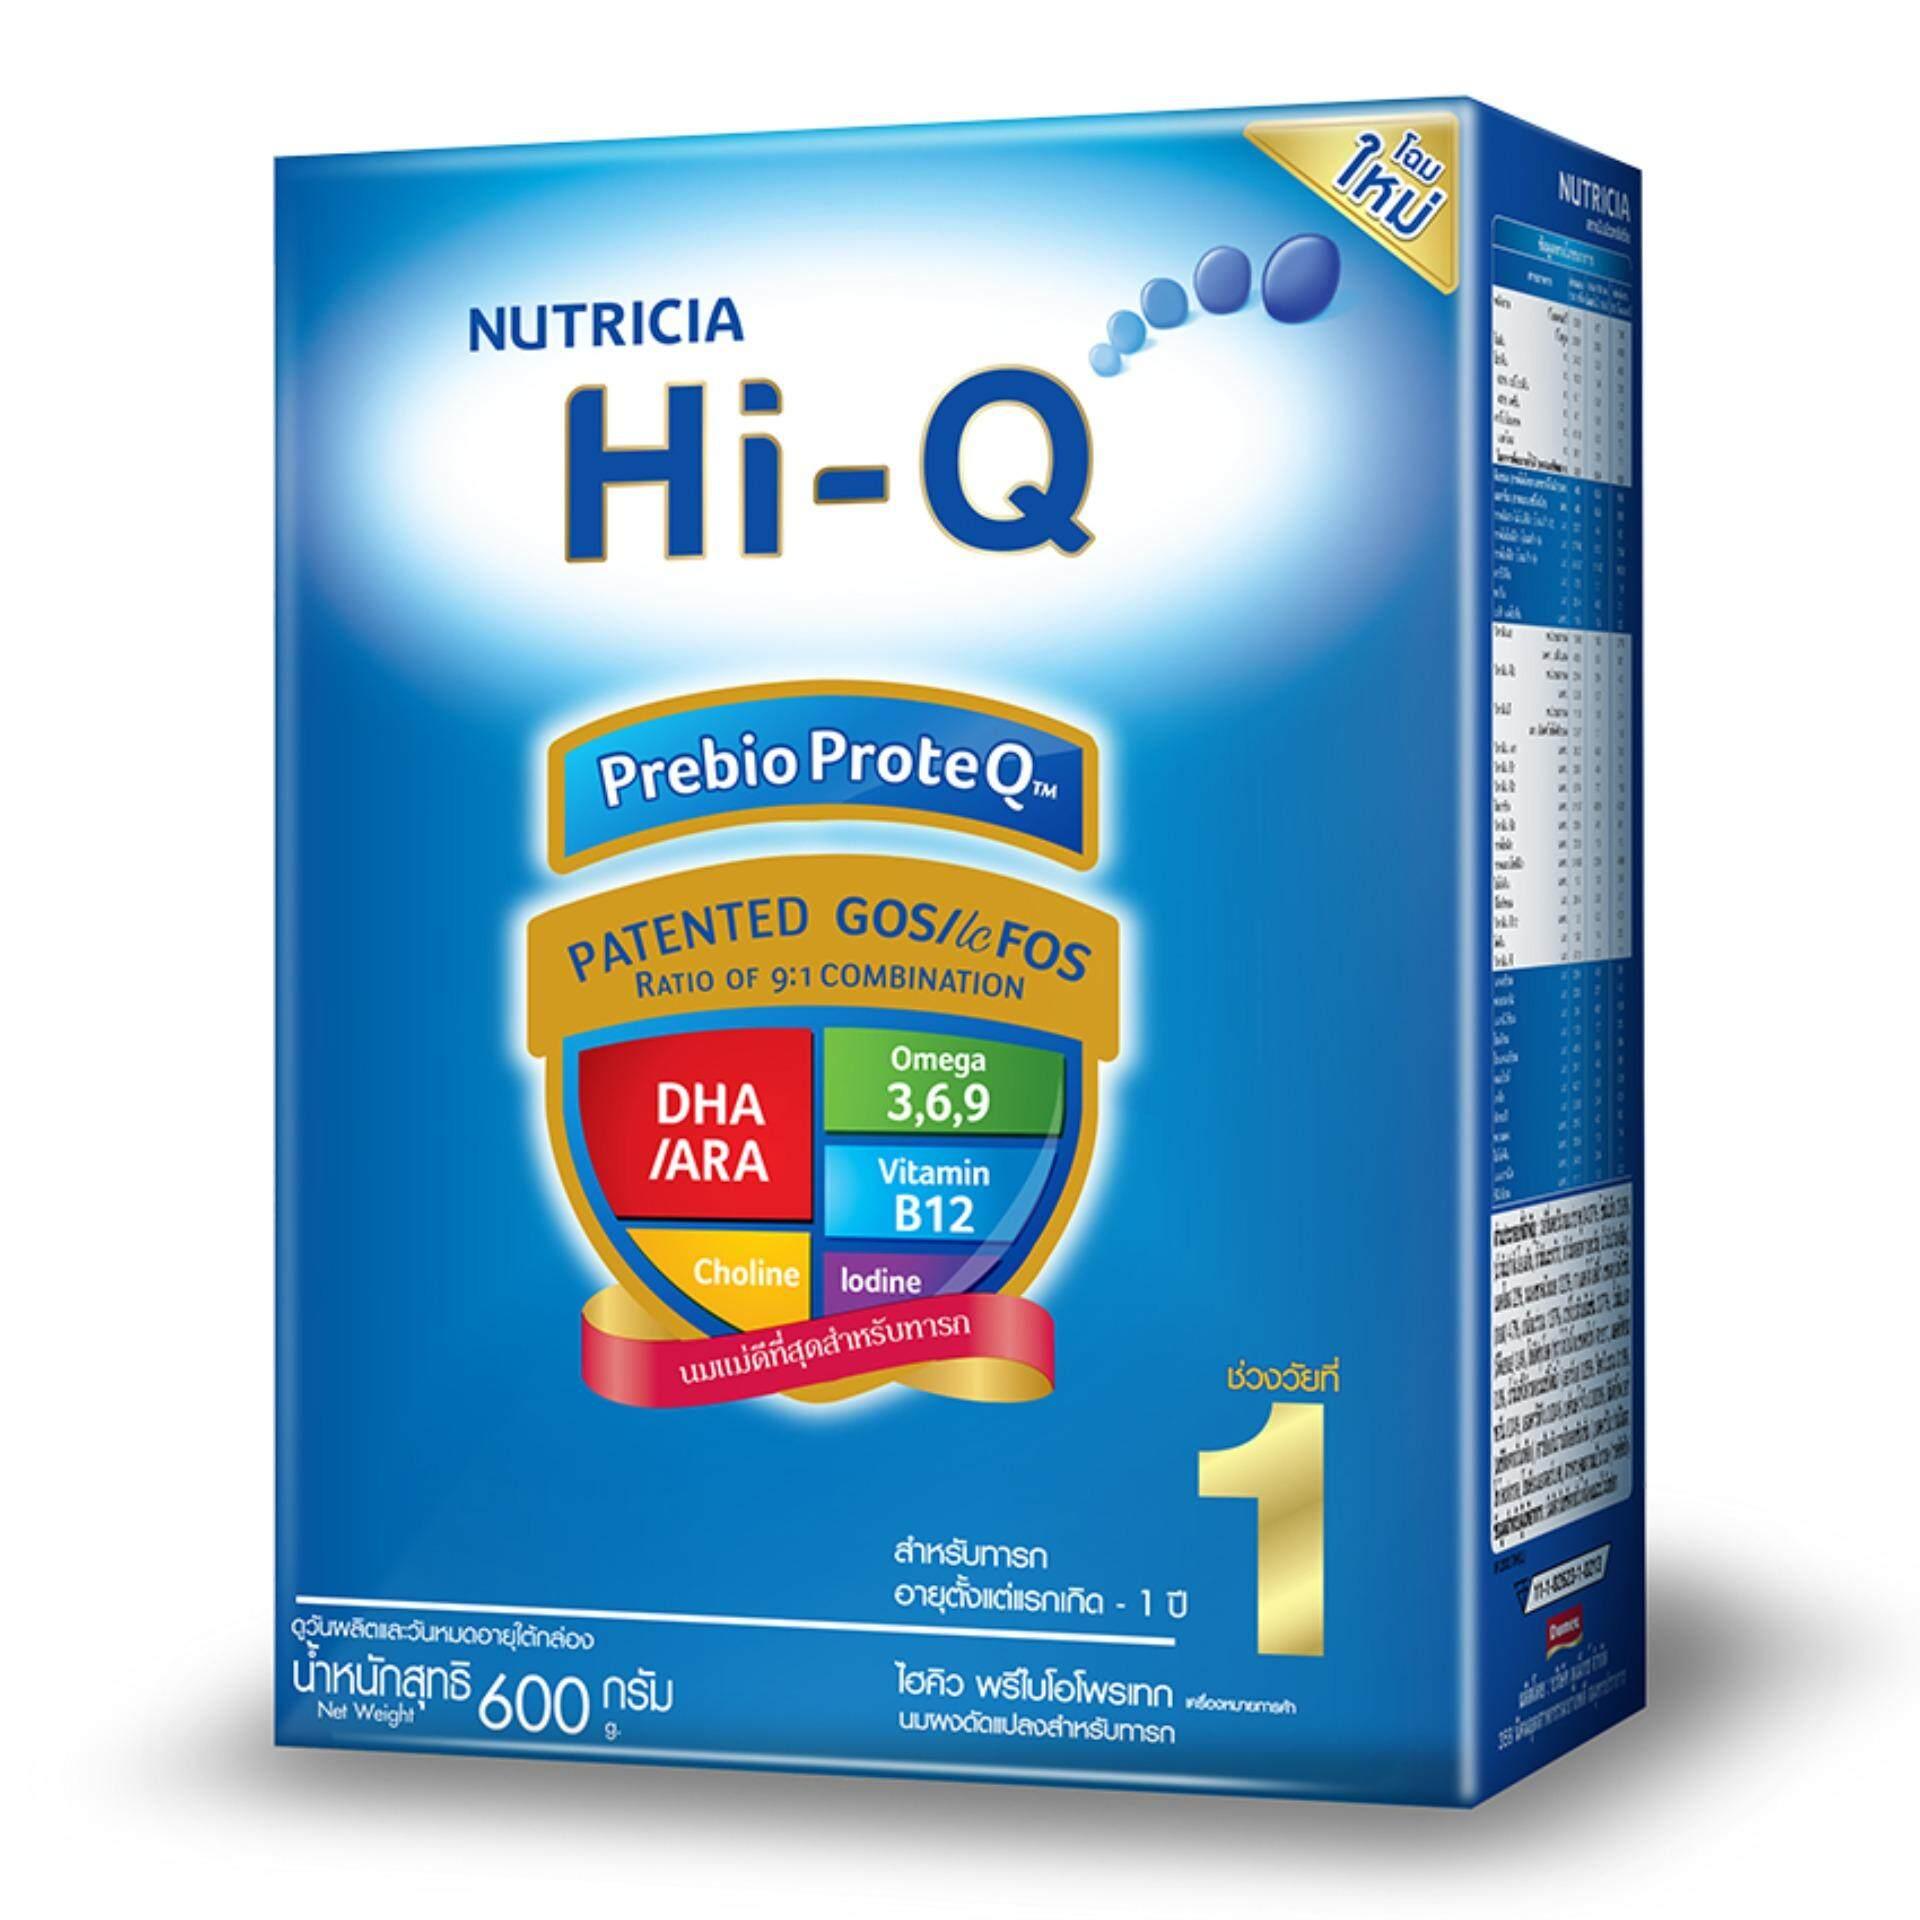 ต้องการซื้อ  HI-Q ไฮคิว นมผงสำหรับเด็ก  ช่วงวัยที่ 1  พรีไบโอโบรเทก รสจืด 600 กรัม   รีวิว ของแท้